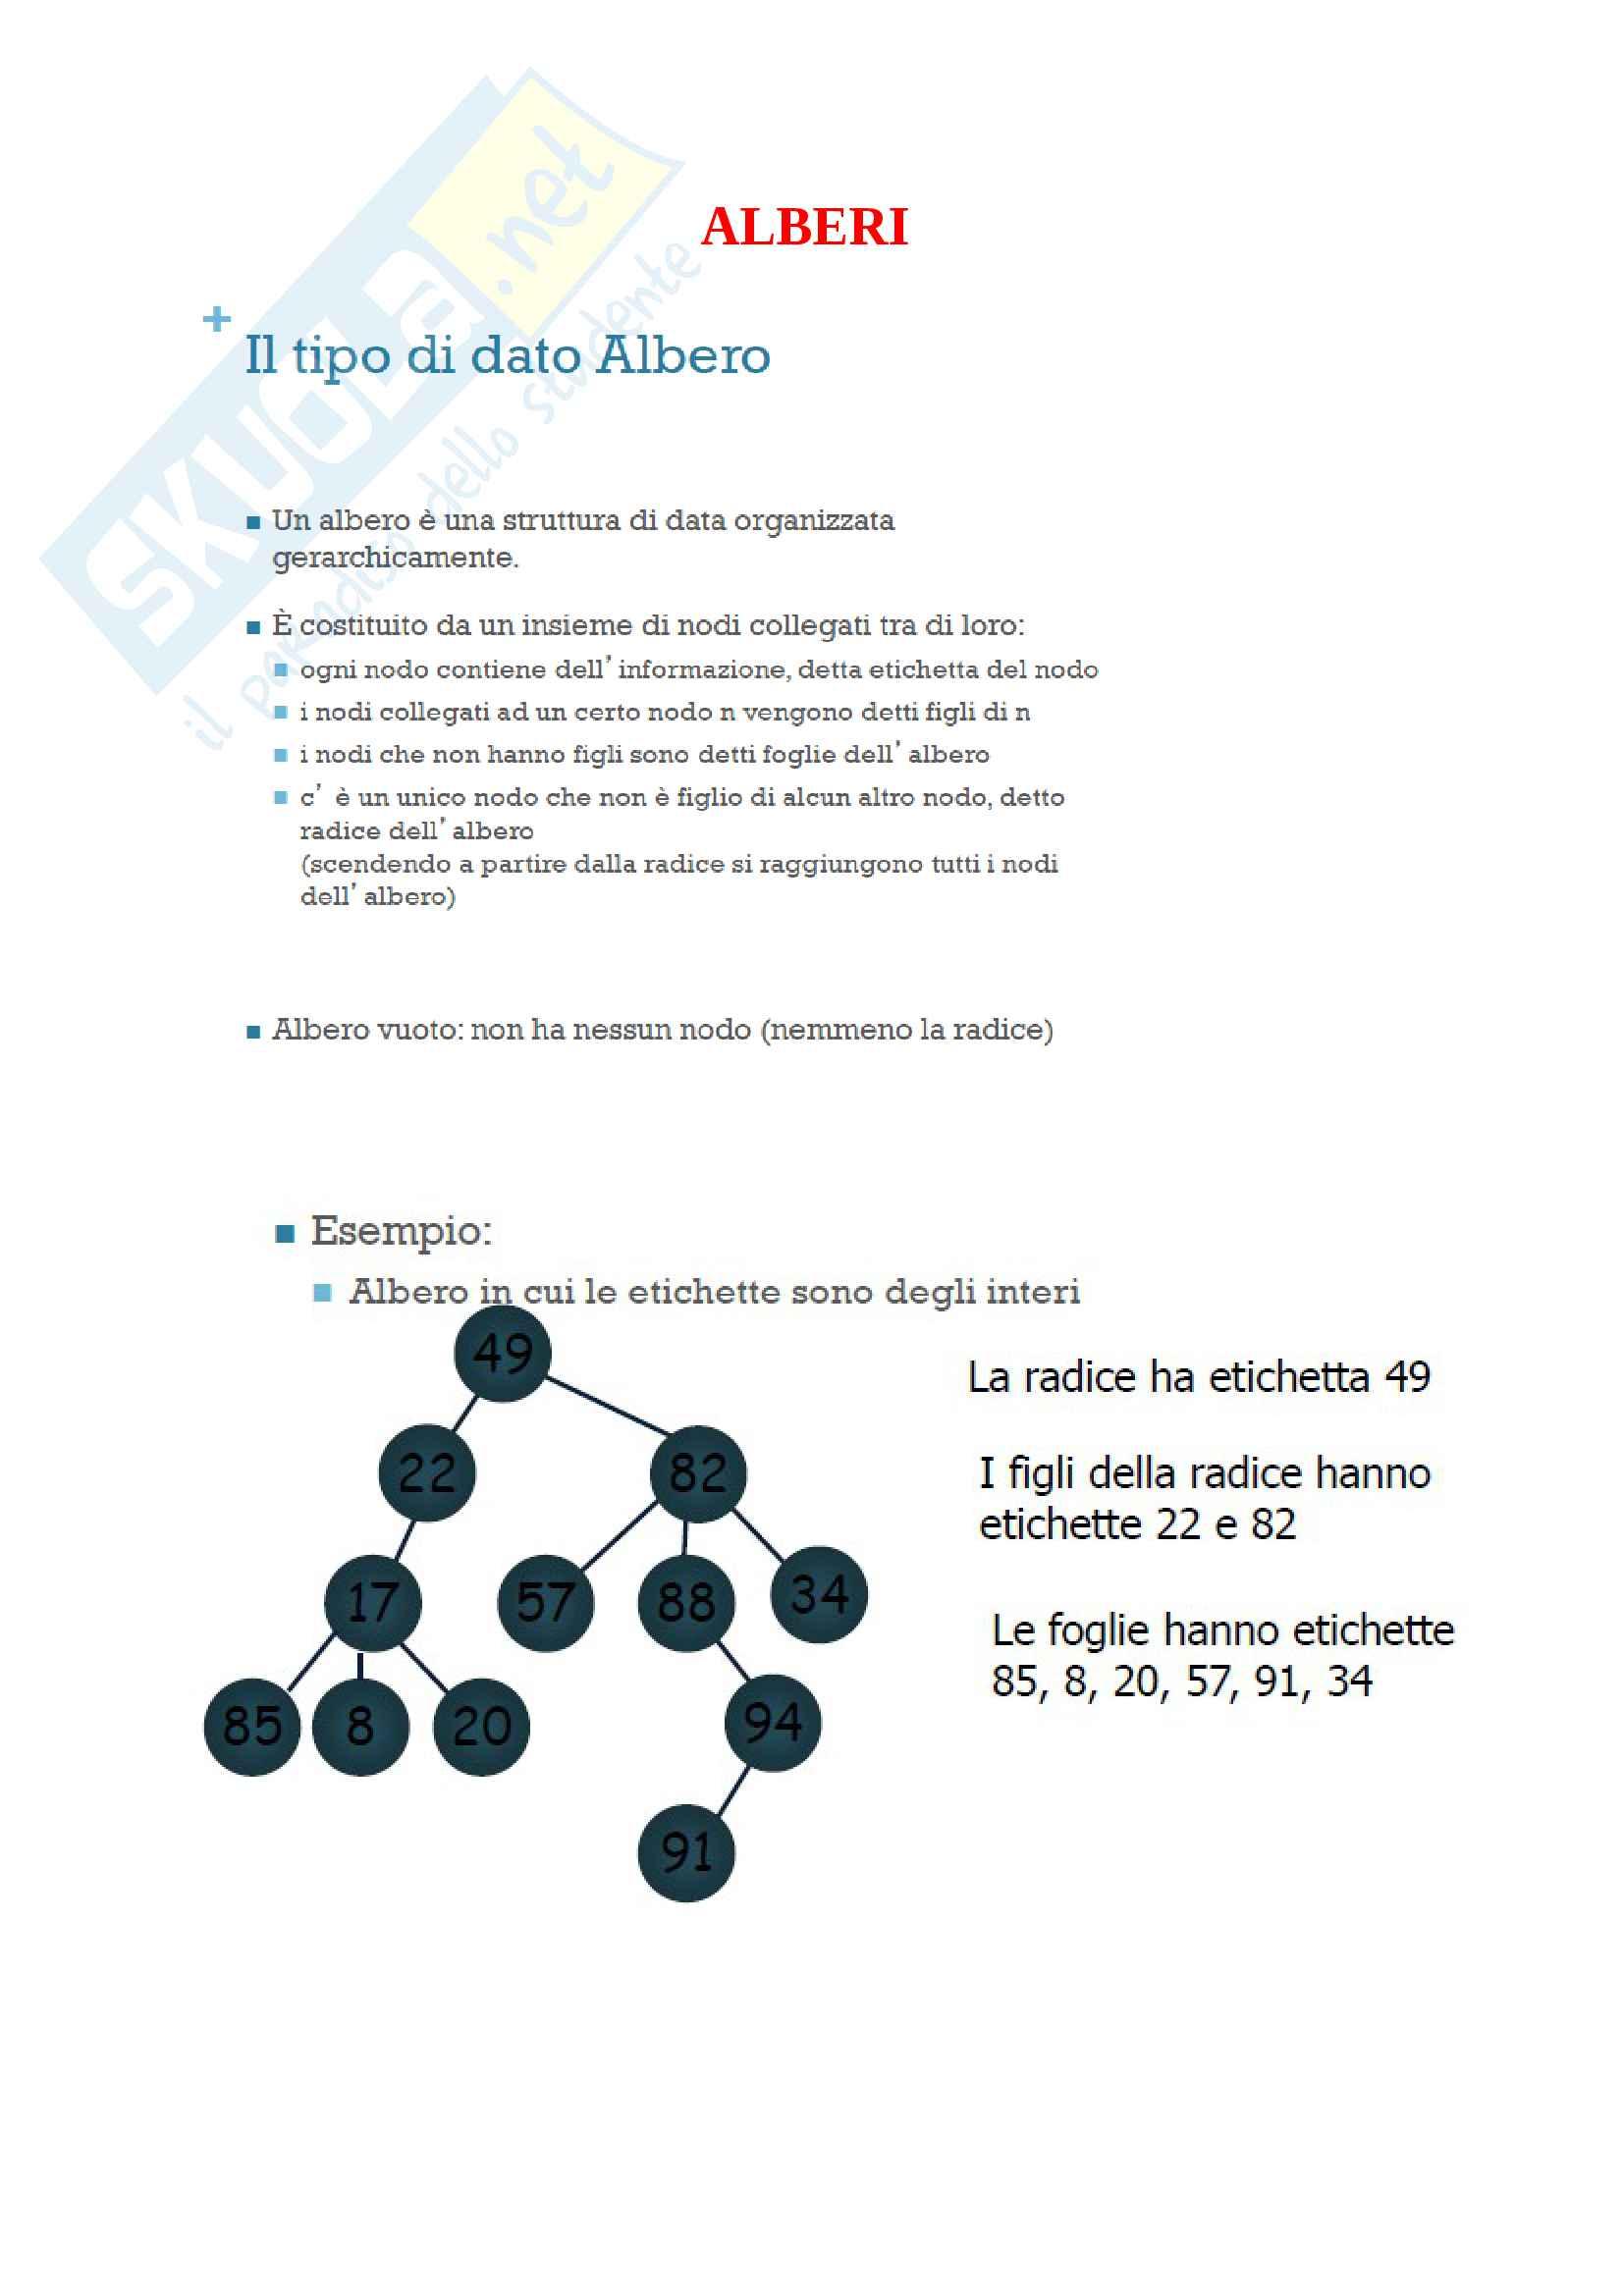 Appunti di informatica sugli Alberi